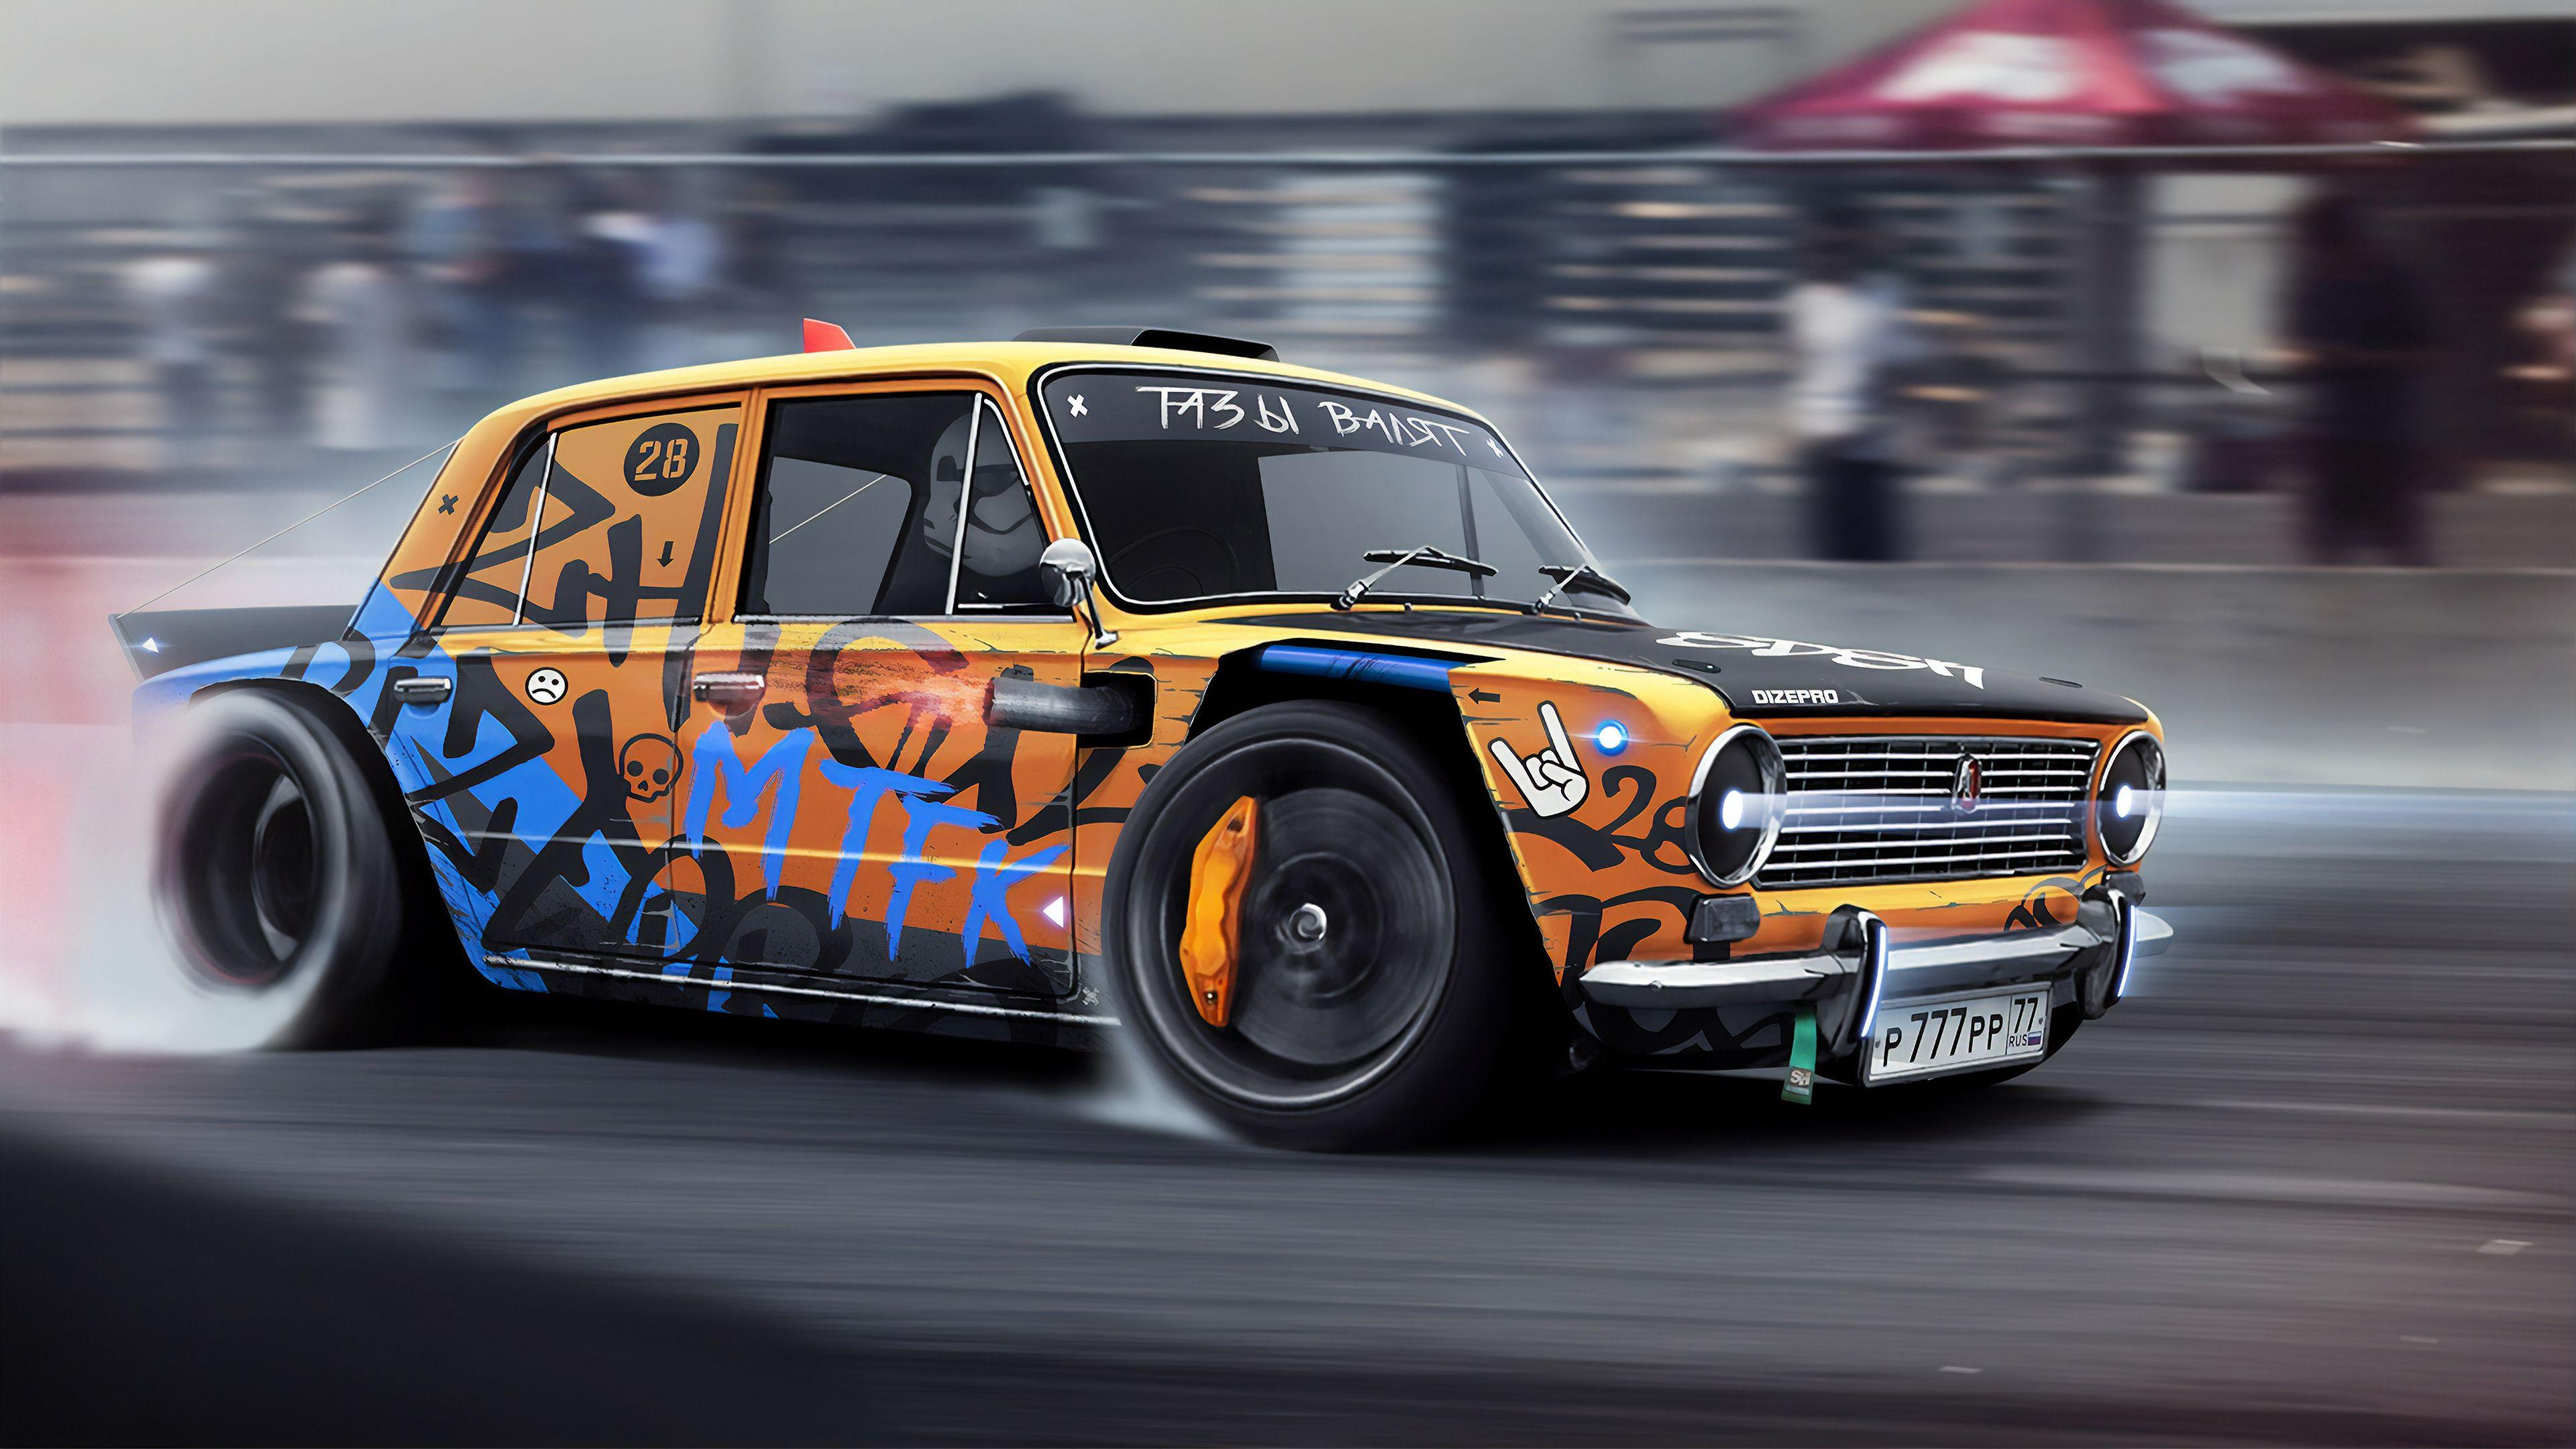 Drift Monster hd-wallpapers, drifting cars wallpapers ...